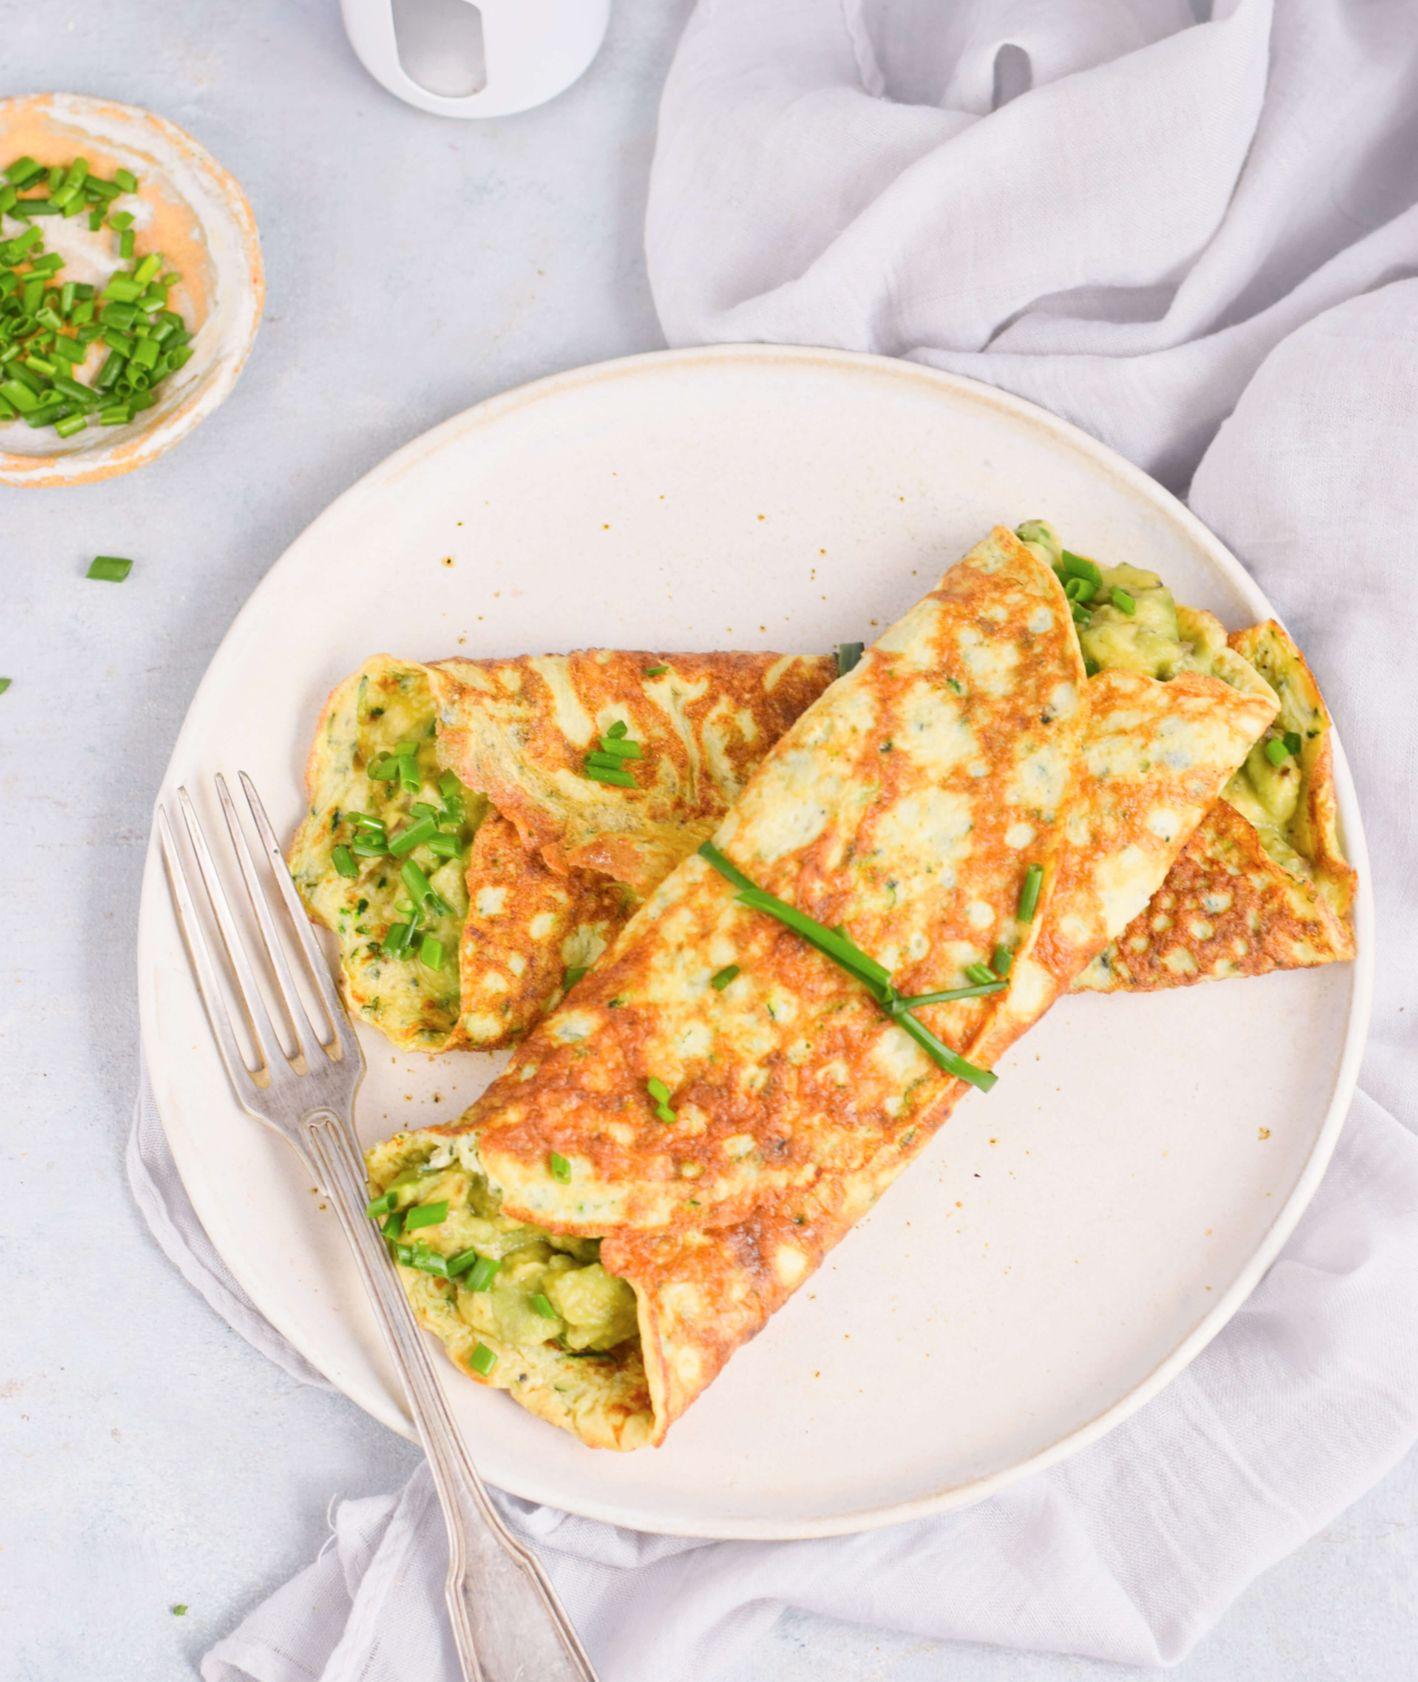 Talerz z omletami cukiniowymi z pastą z awokado, posiekany szczypiorek  (fot. Anna Szewczyk)